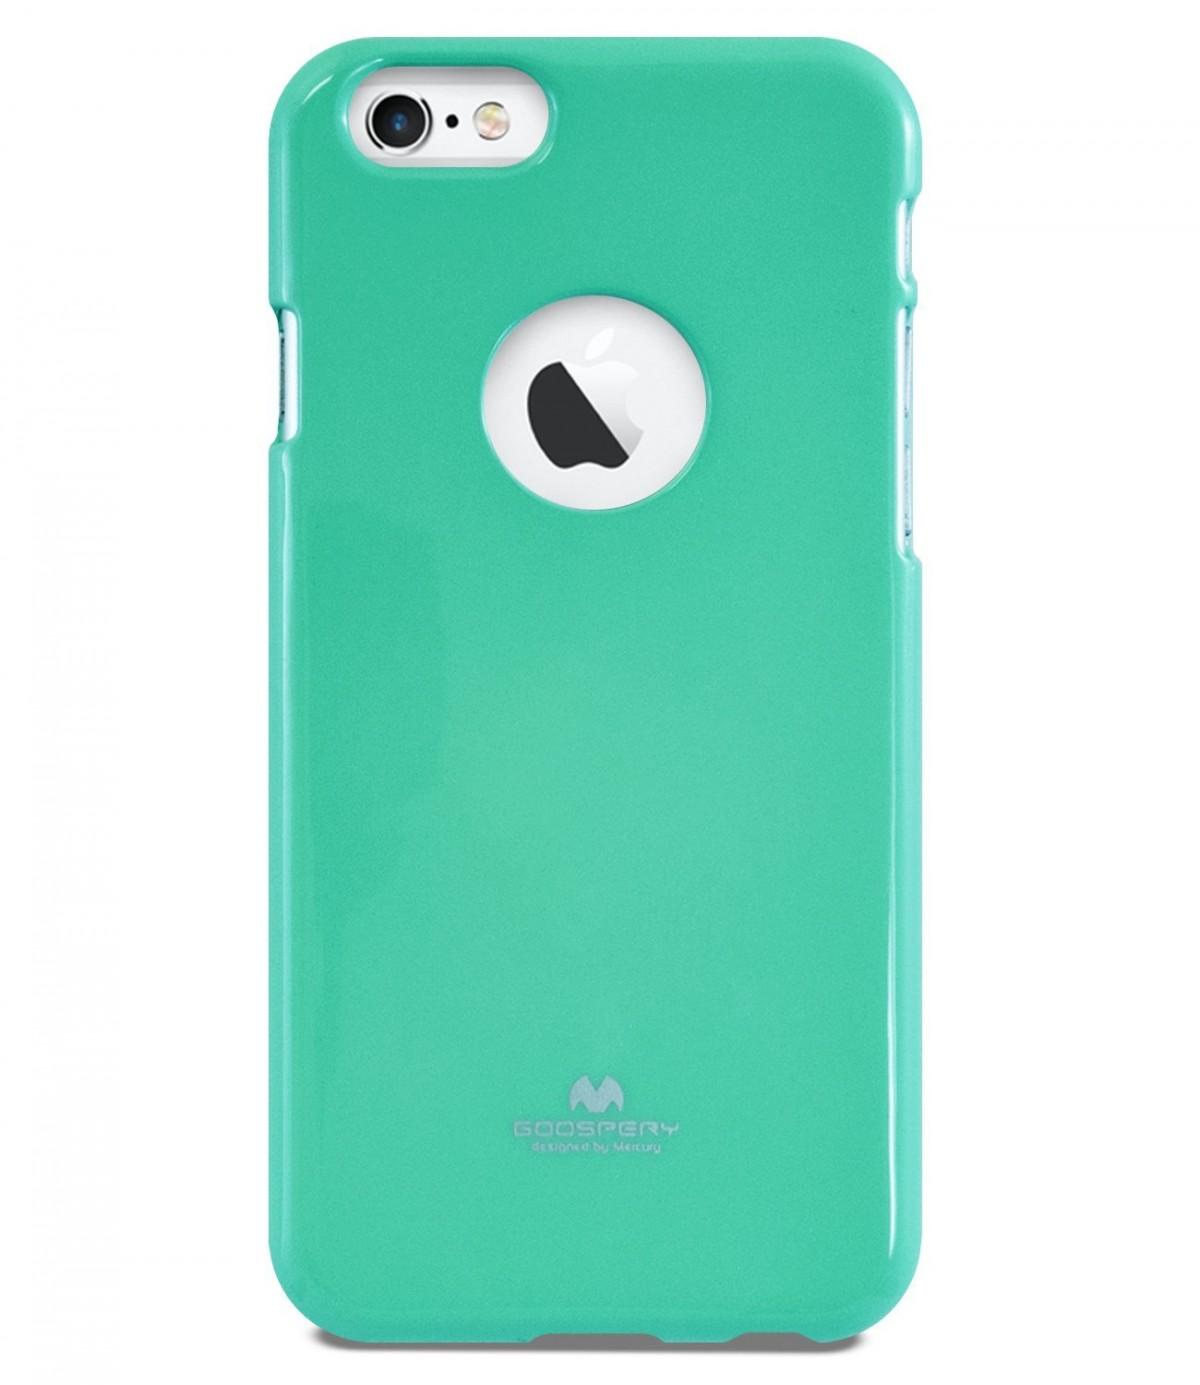 Tenké silikonové obaly / kryty Goospery Mercury pro Apple iPhone 6s/6 - Světle zelený / Mint